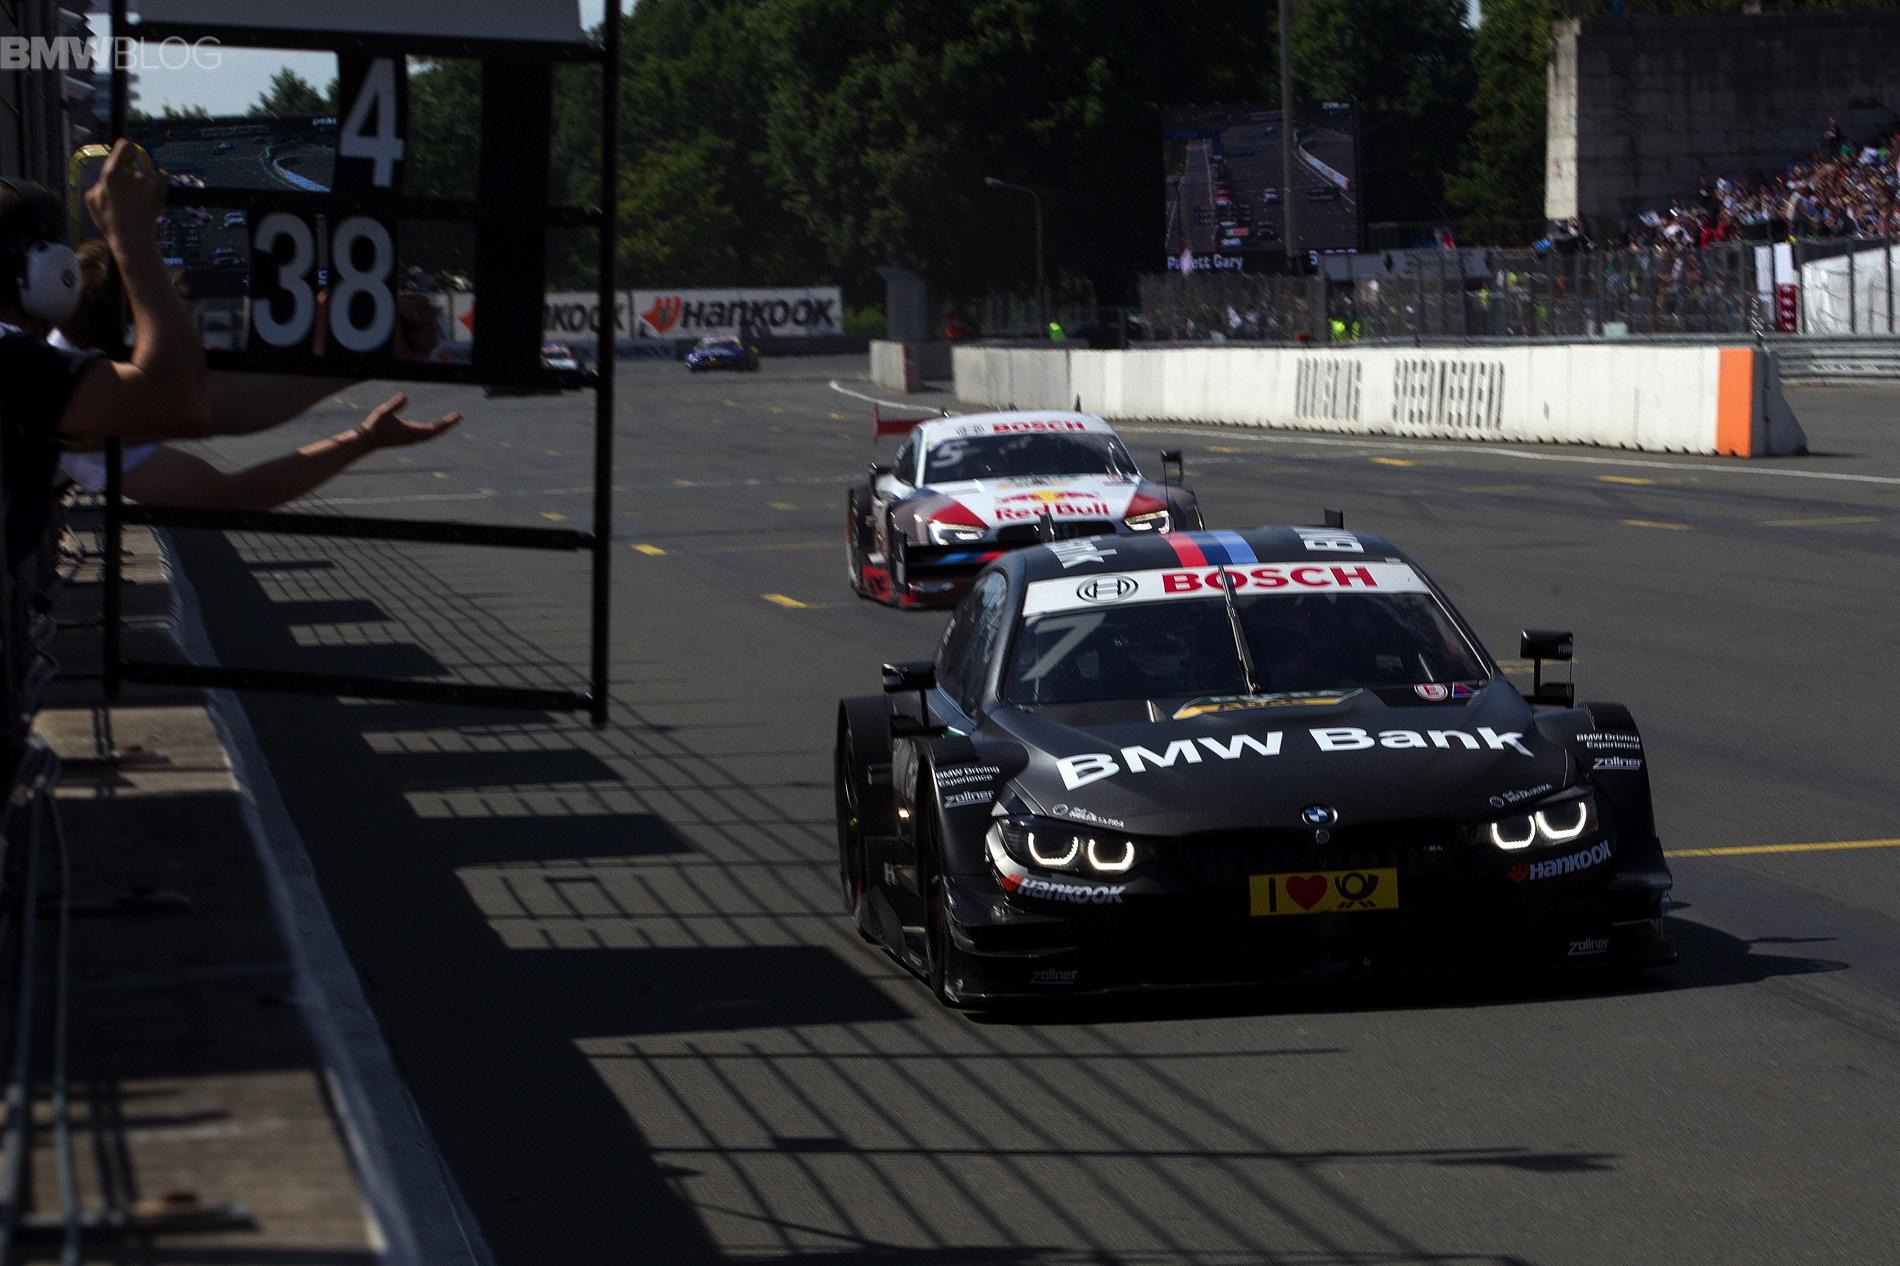 BMW DTM Norisring images 12